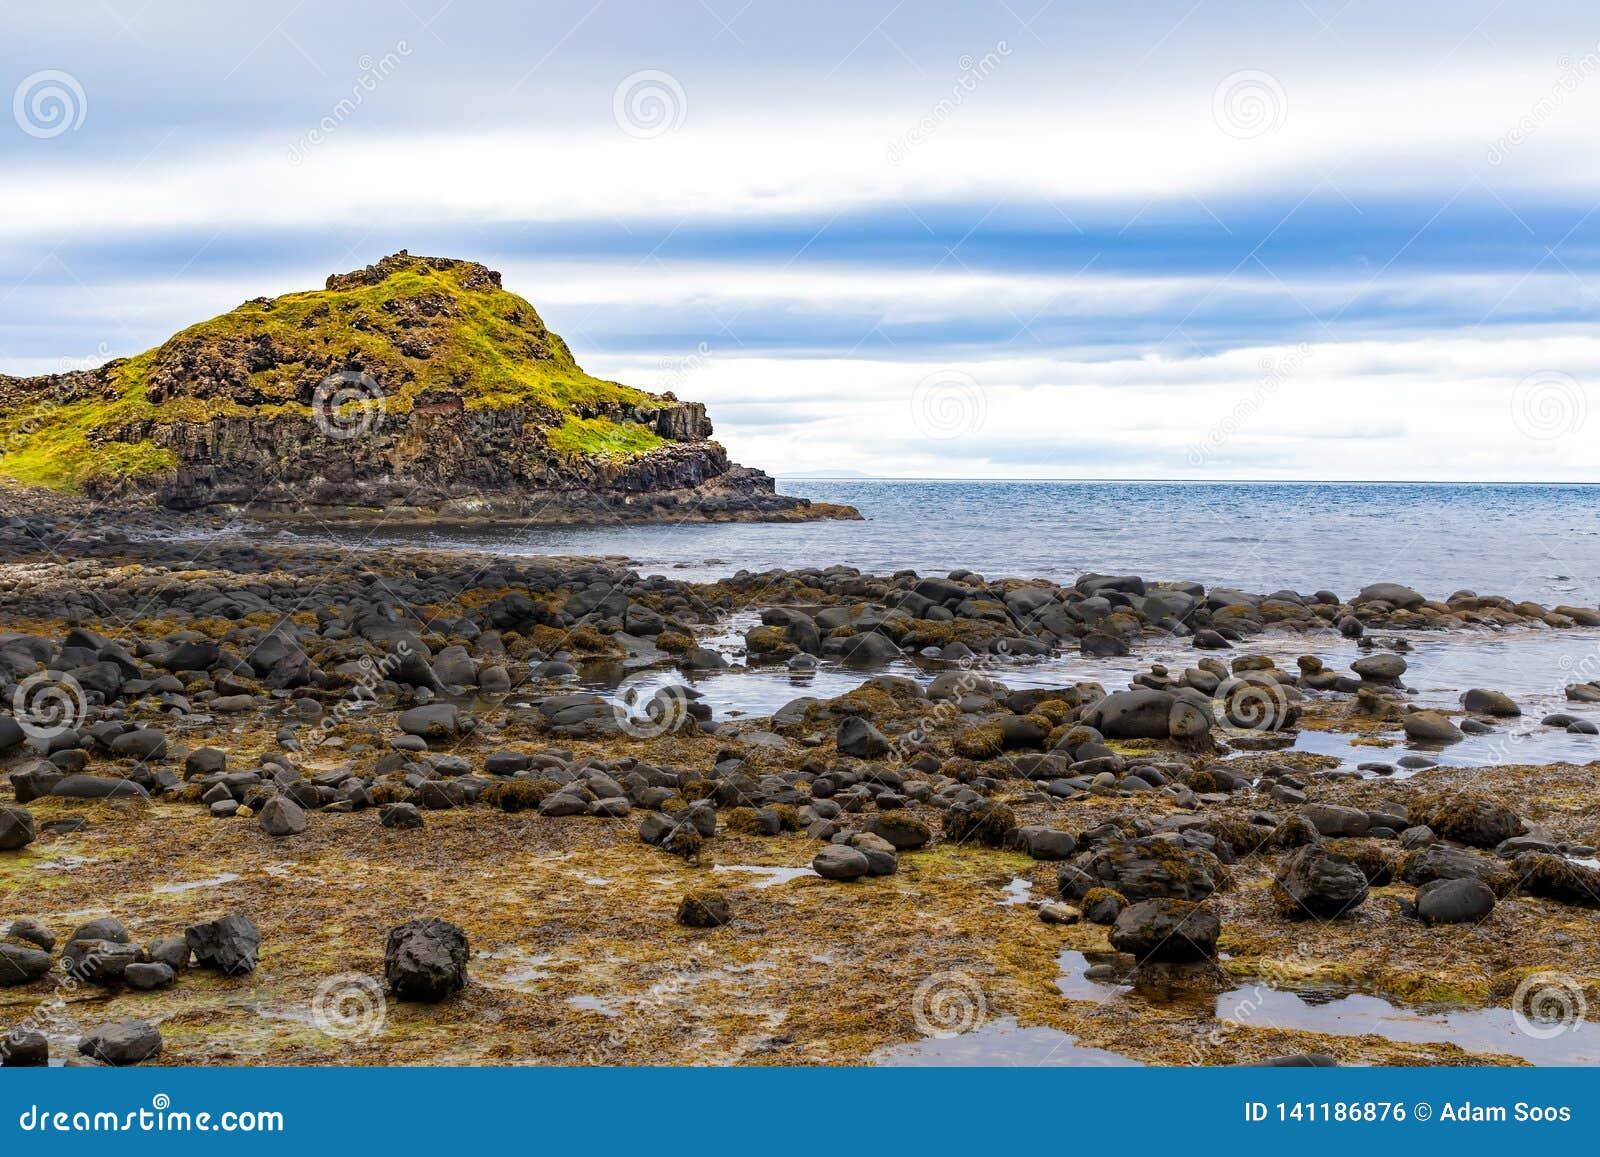 La costa de una isla en Irlanda